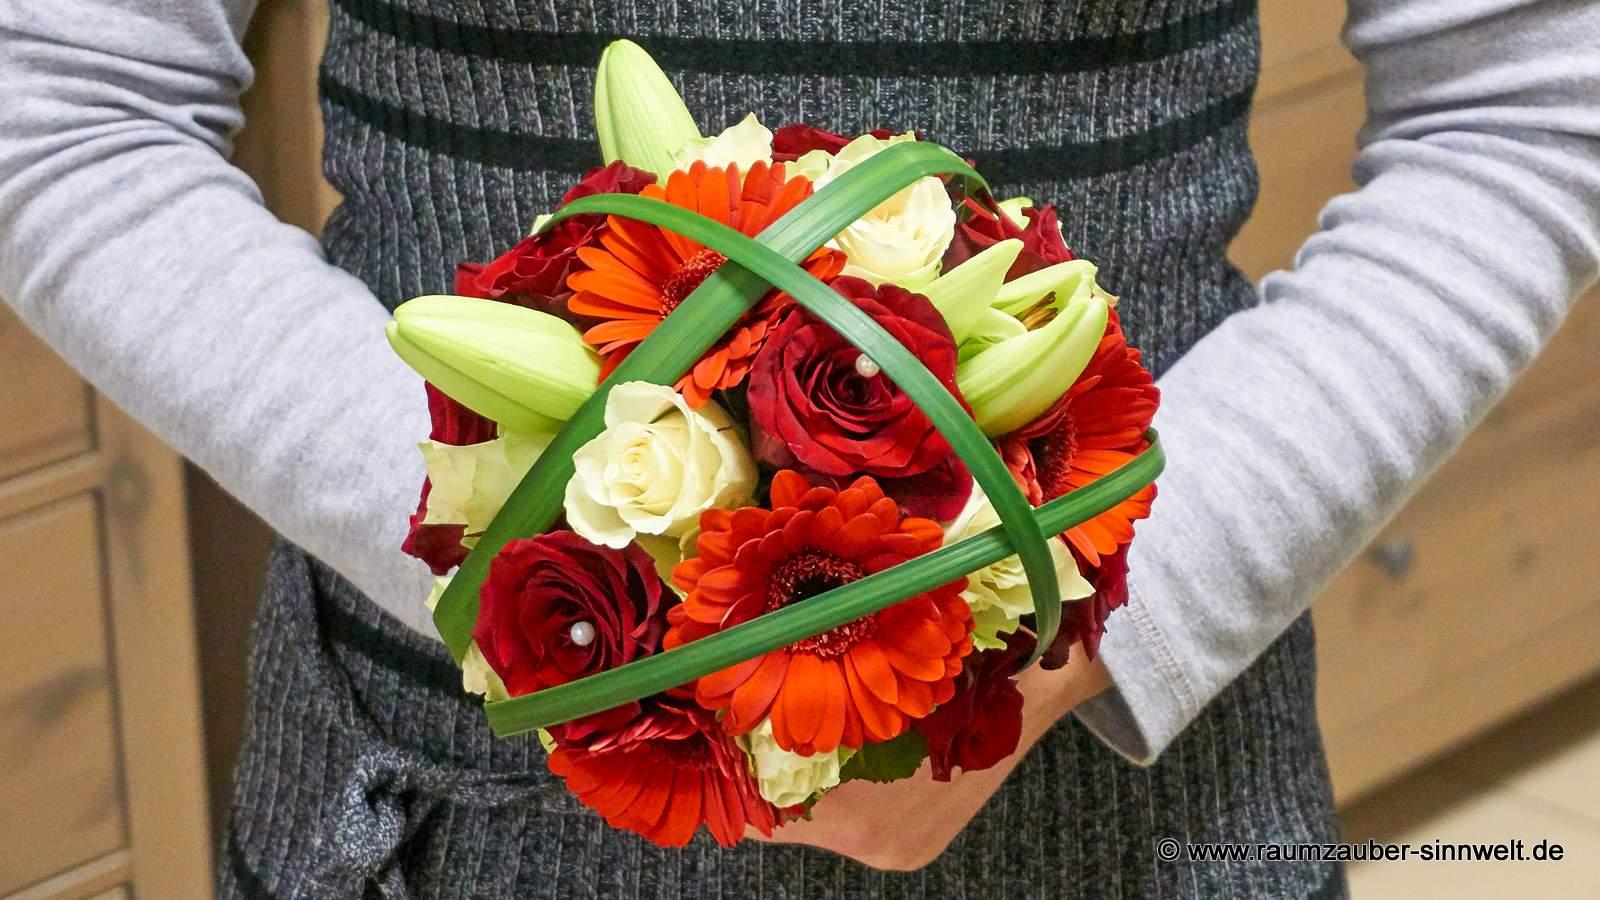 Brautstrauß mit Lilien, Rosen und Gerbera